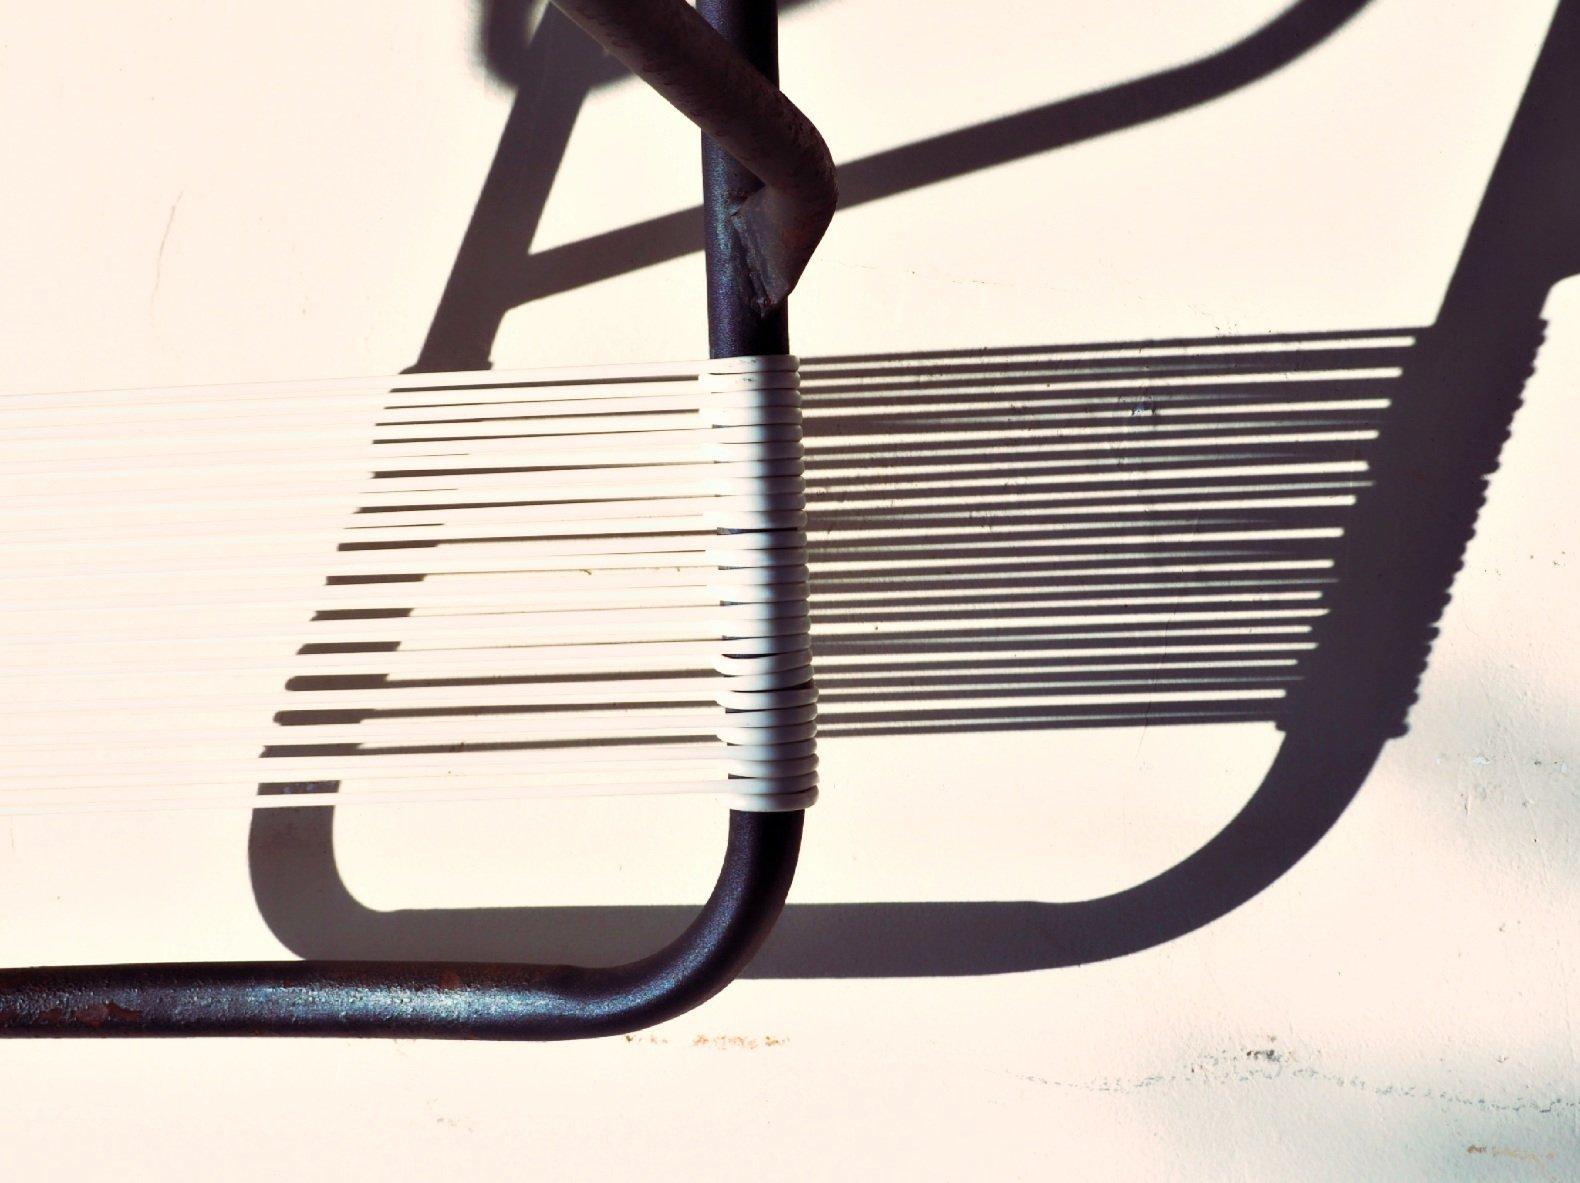 Elegant Hintergrundbilder : Malerei, Mauer, Sessel, Metall, Linien, Kunststoff,  Olymp, KUNST, Schwarz Und Weiß, Schatten, Flickr, Künstlerisch, Schwarz  Weiss, Möbel ...